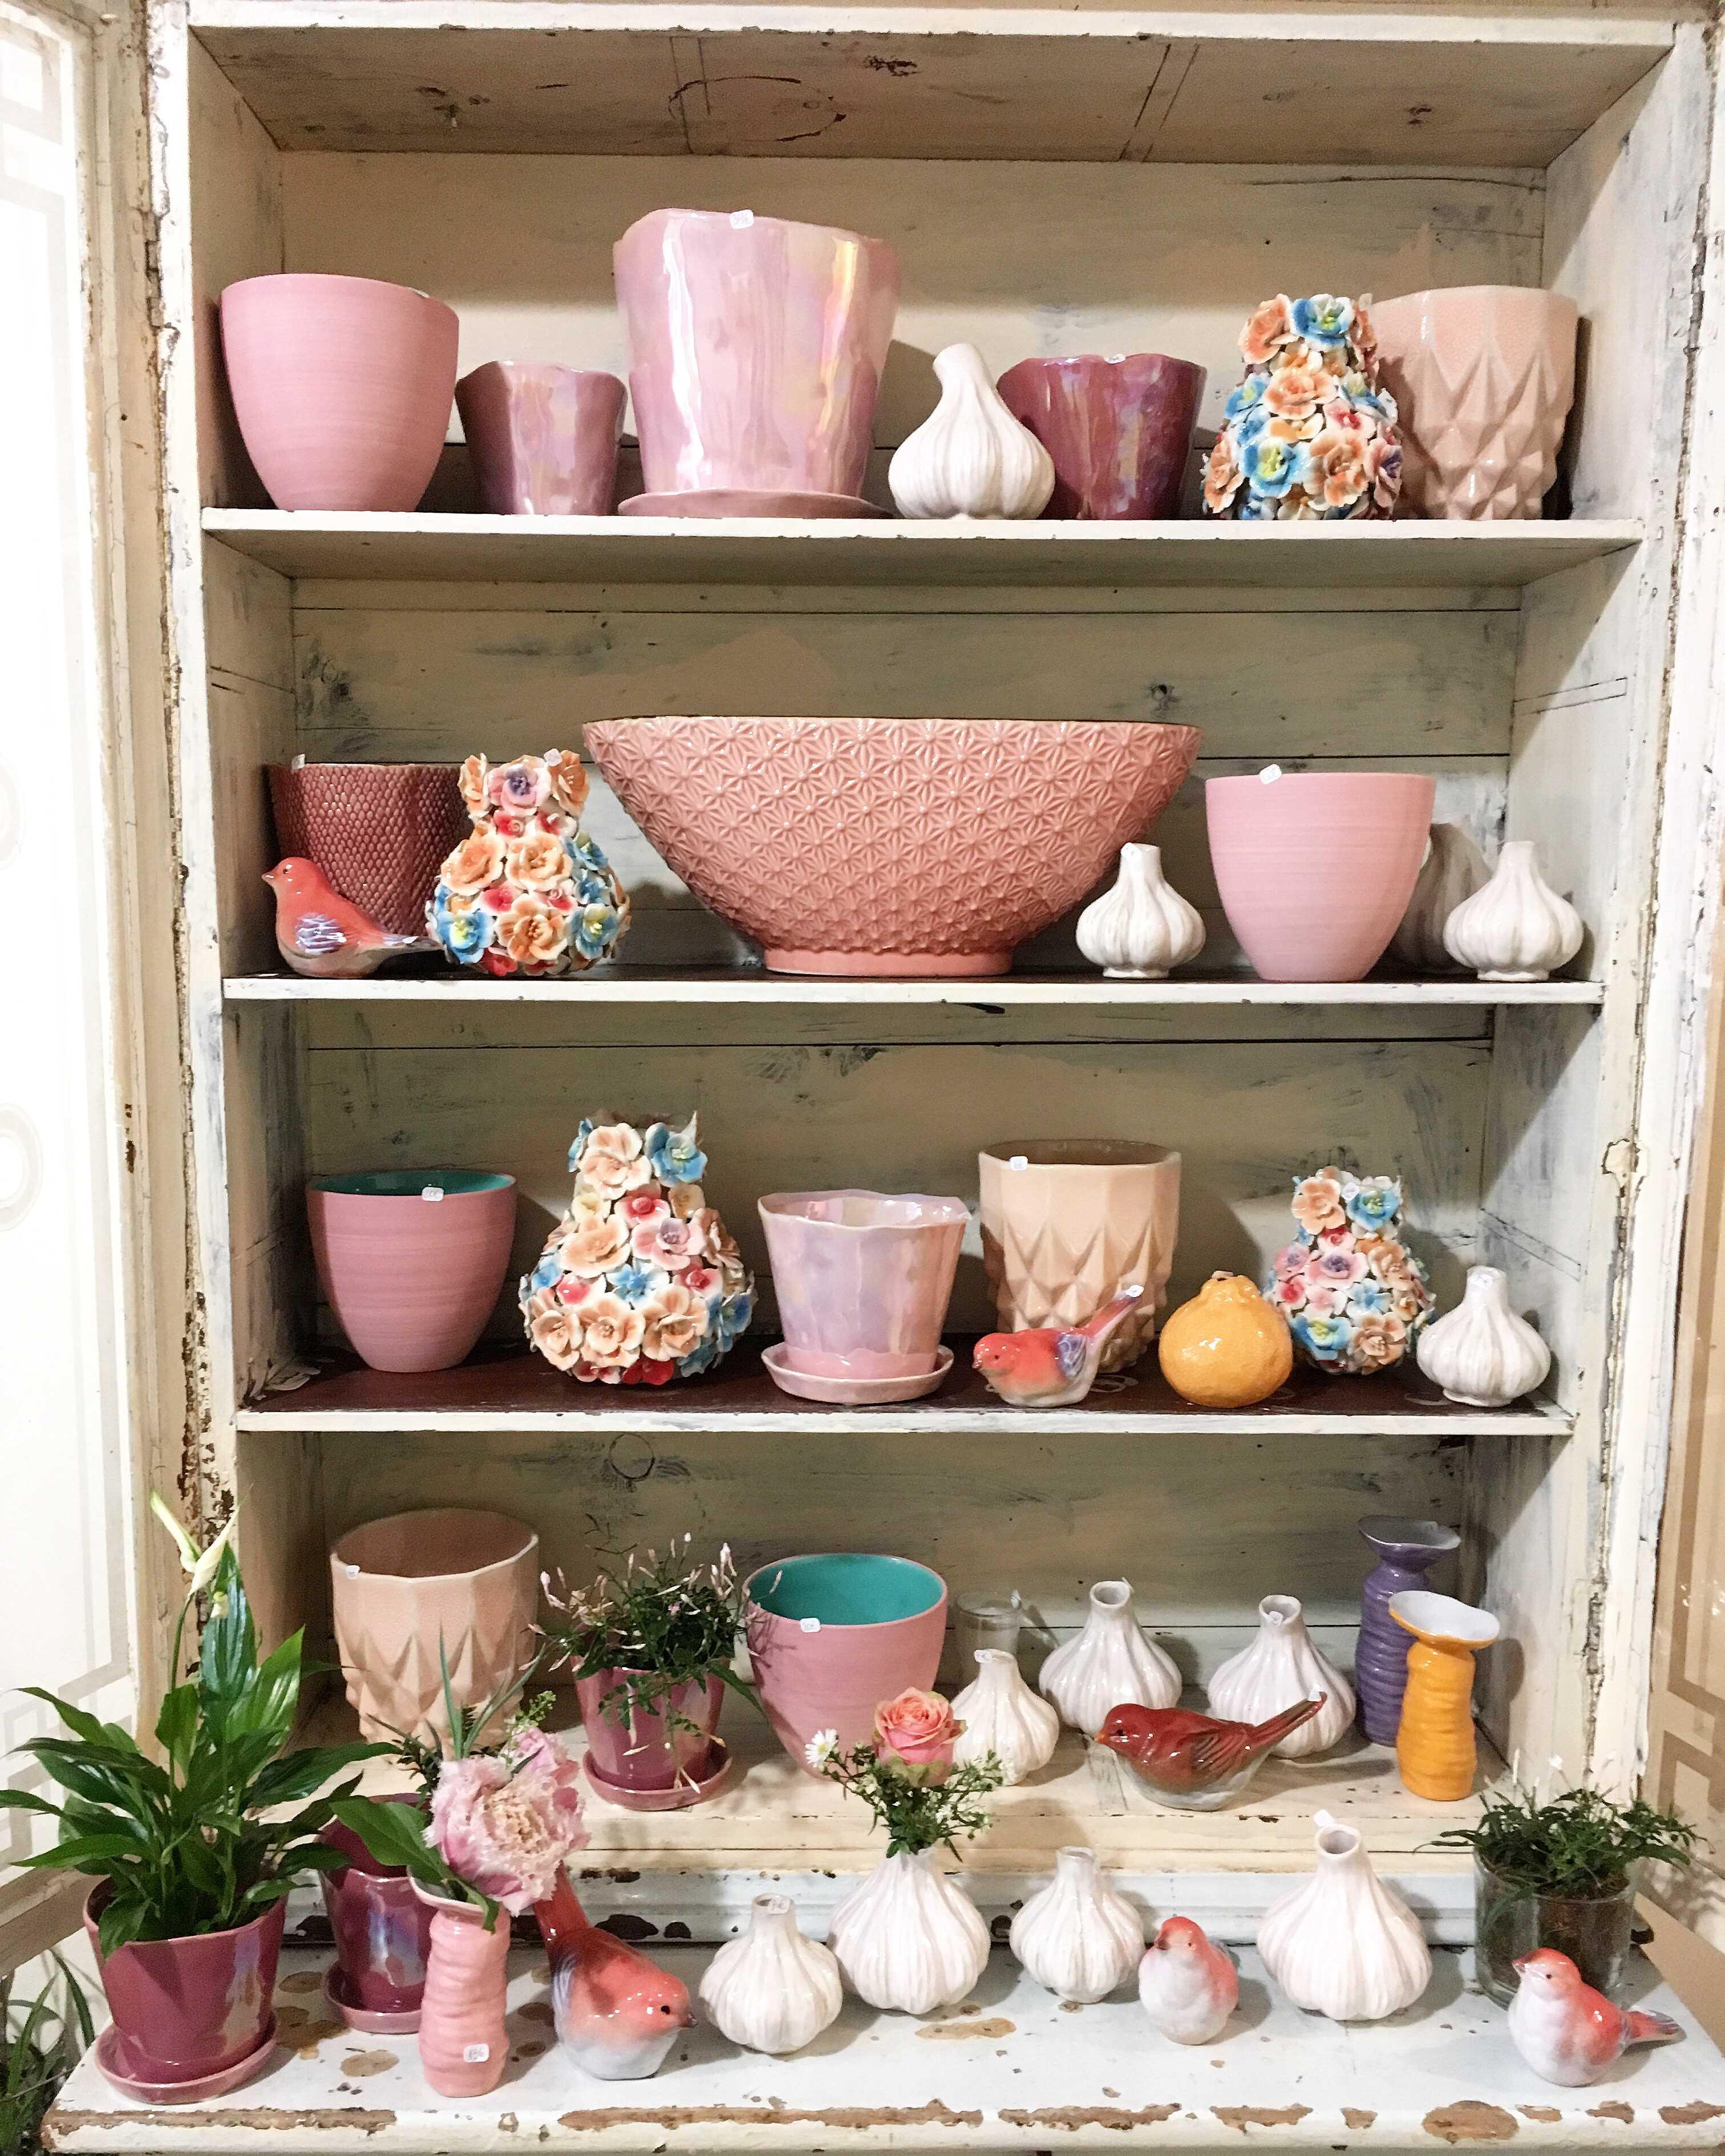 vitrine vases et poteries roses Marlies Fleurs fleuriste Nimes